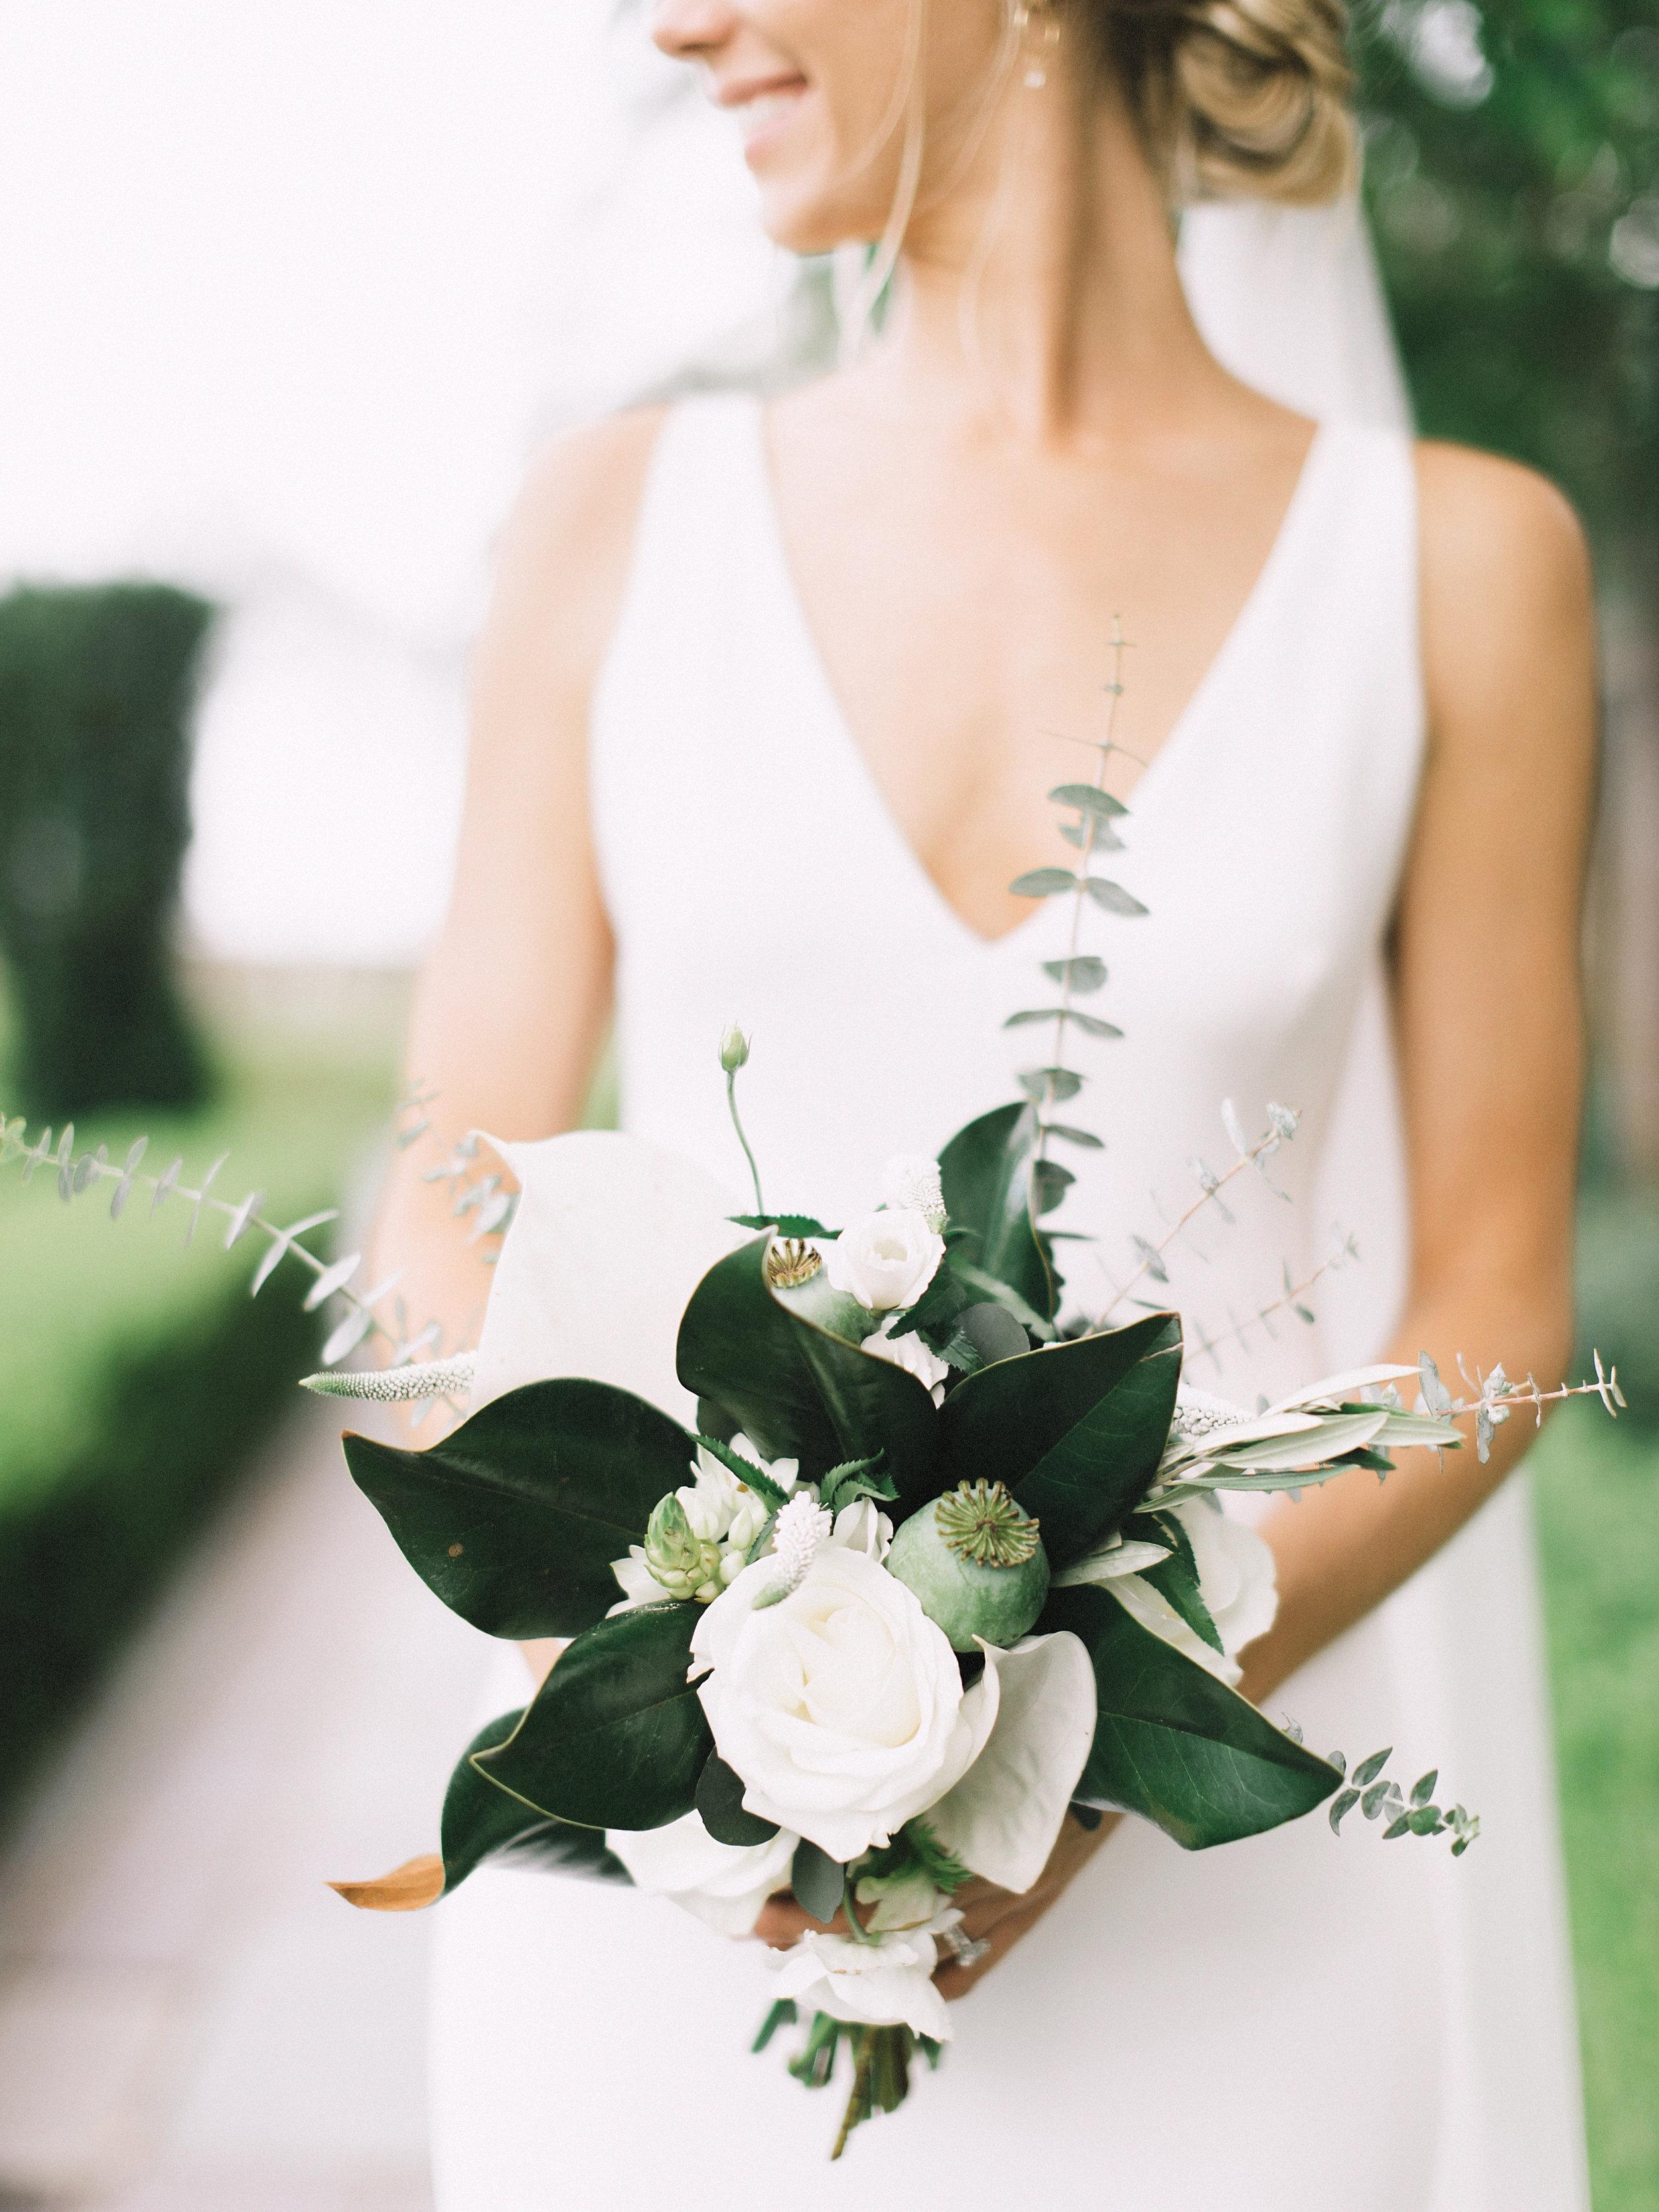 Clean_Modern_Wedding_Florals_Sibyl_Sophia_Bouquet.JPG